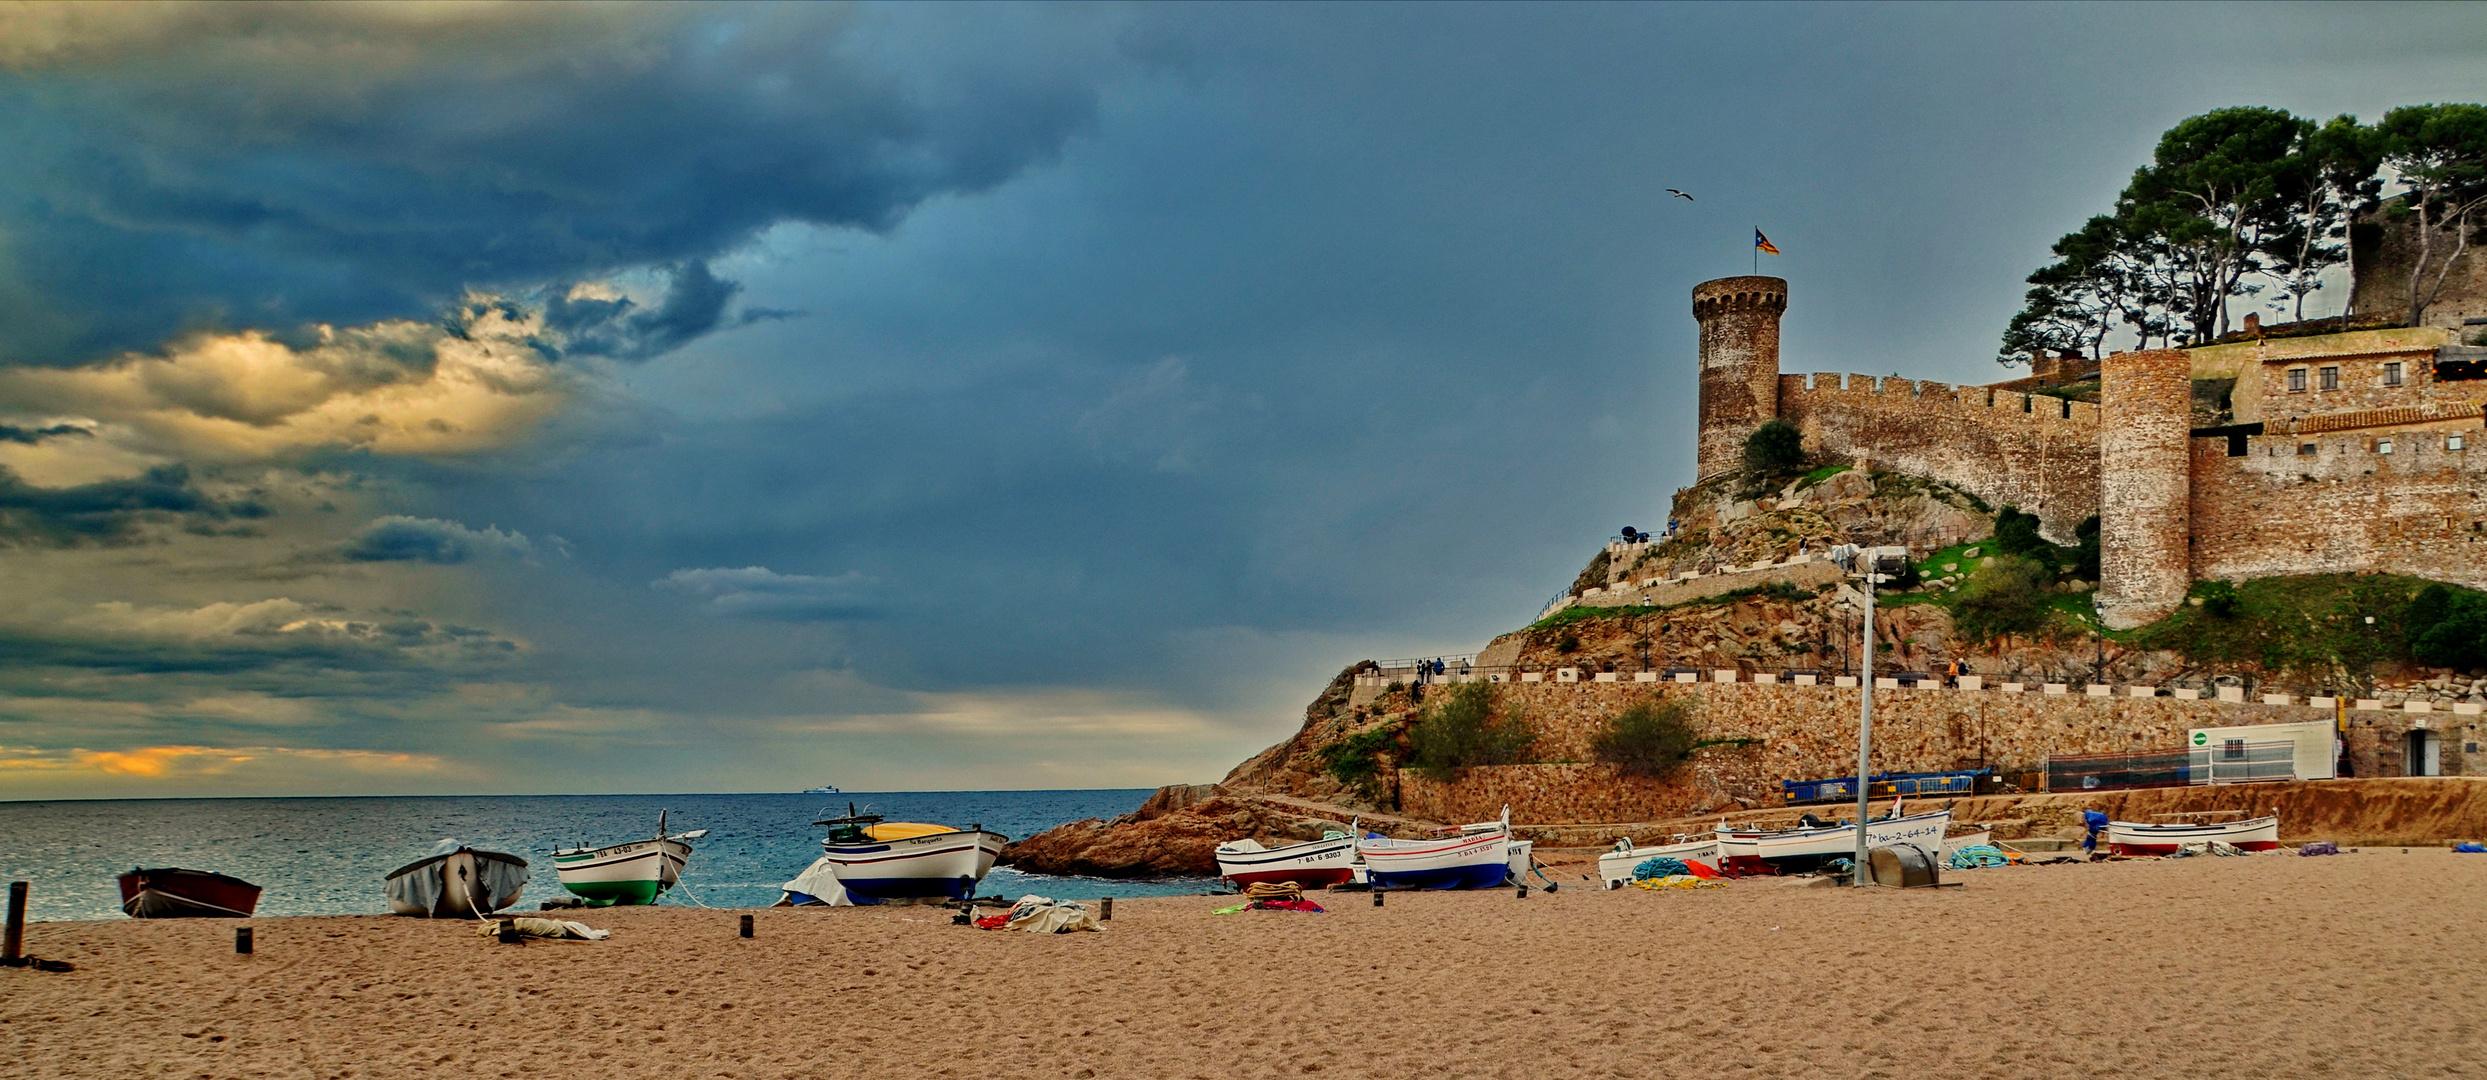 Die Costa Brava macht Pause